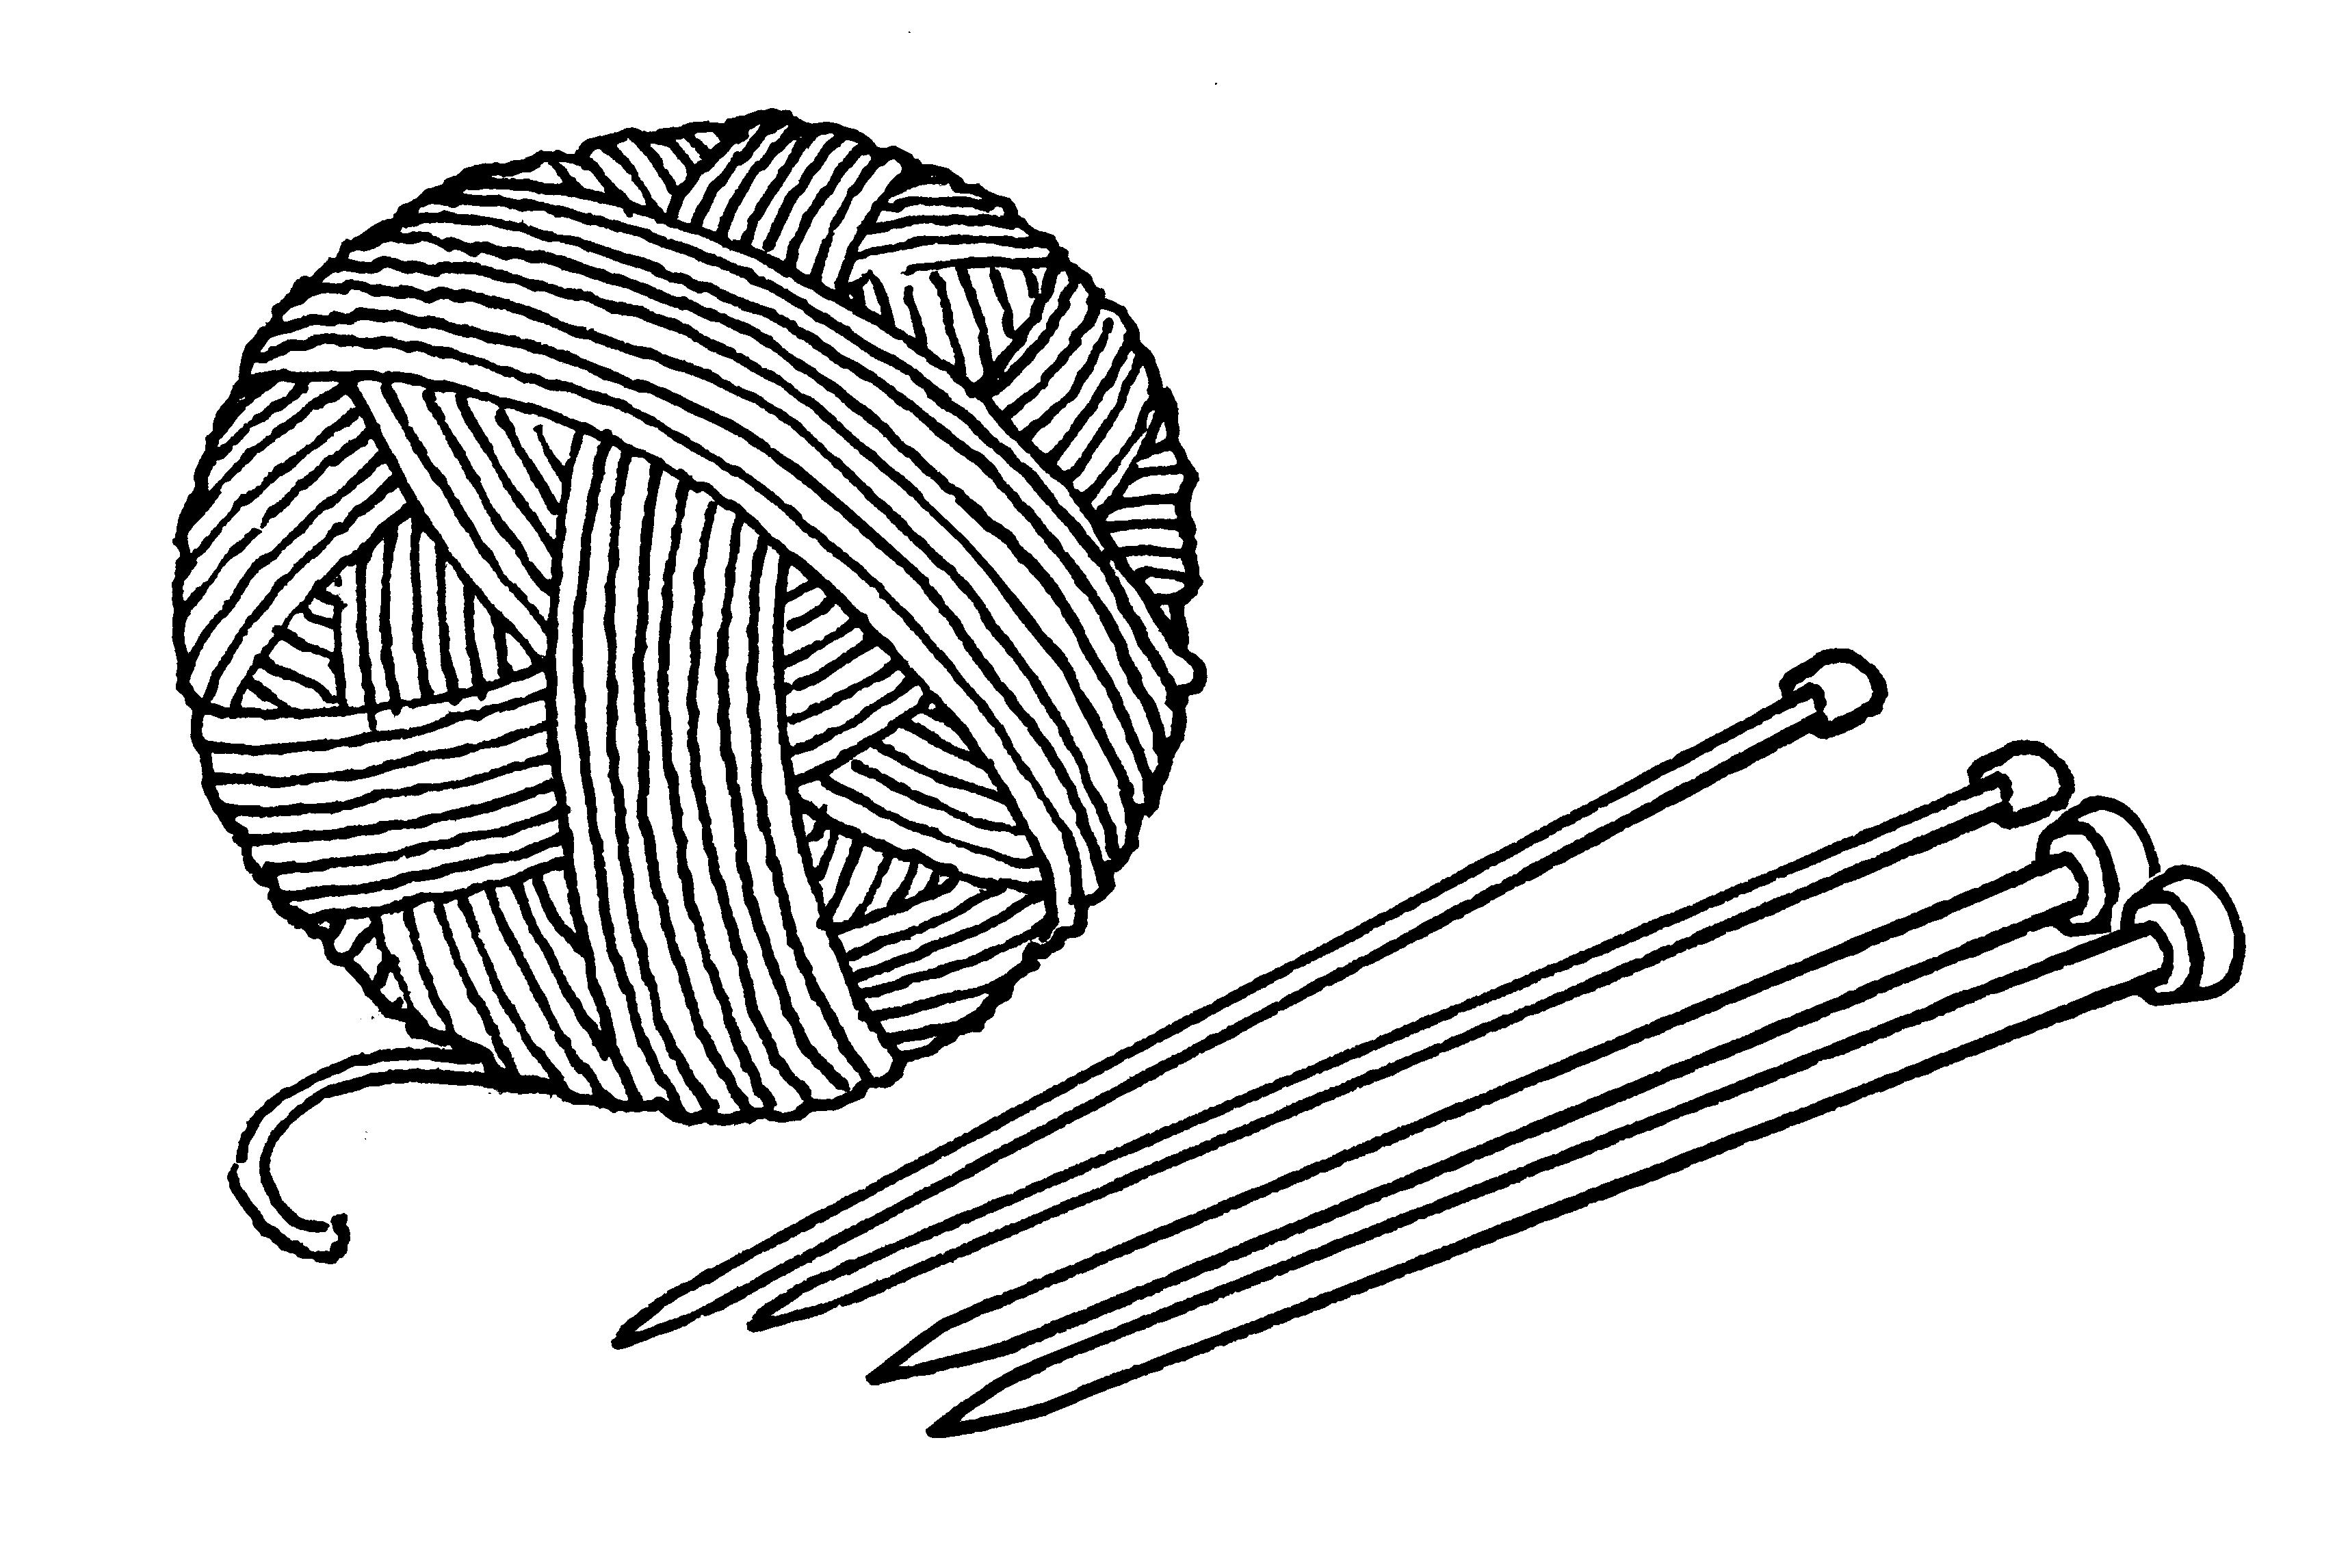 PNG Yarn And Knitting Needles - 41529